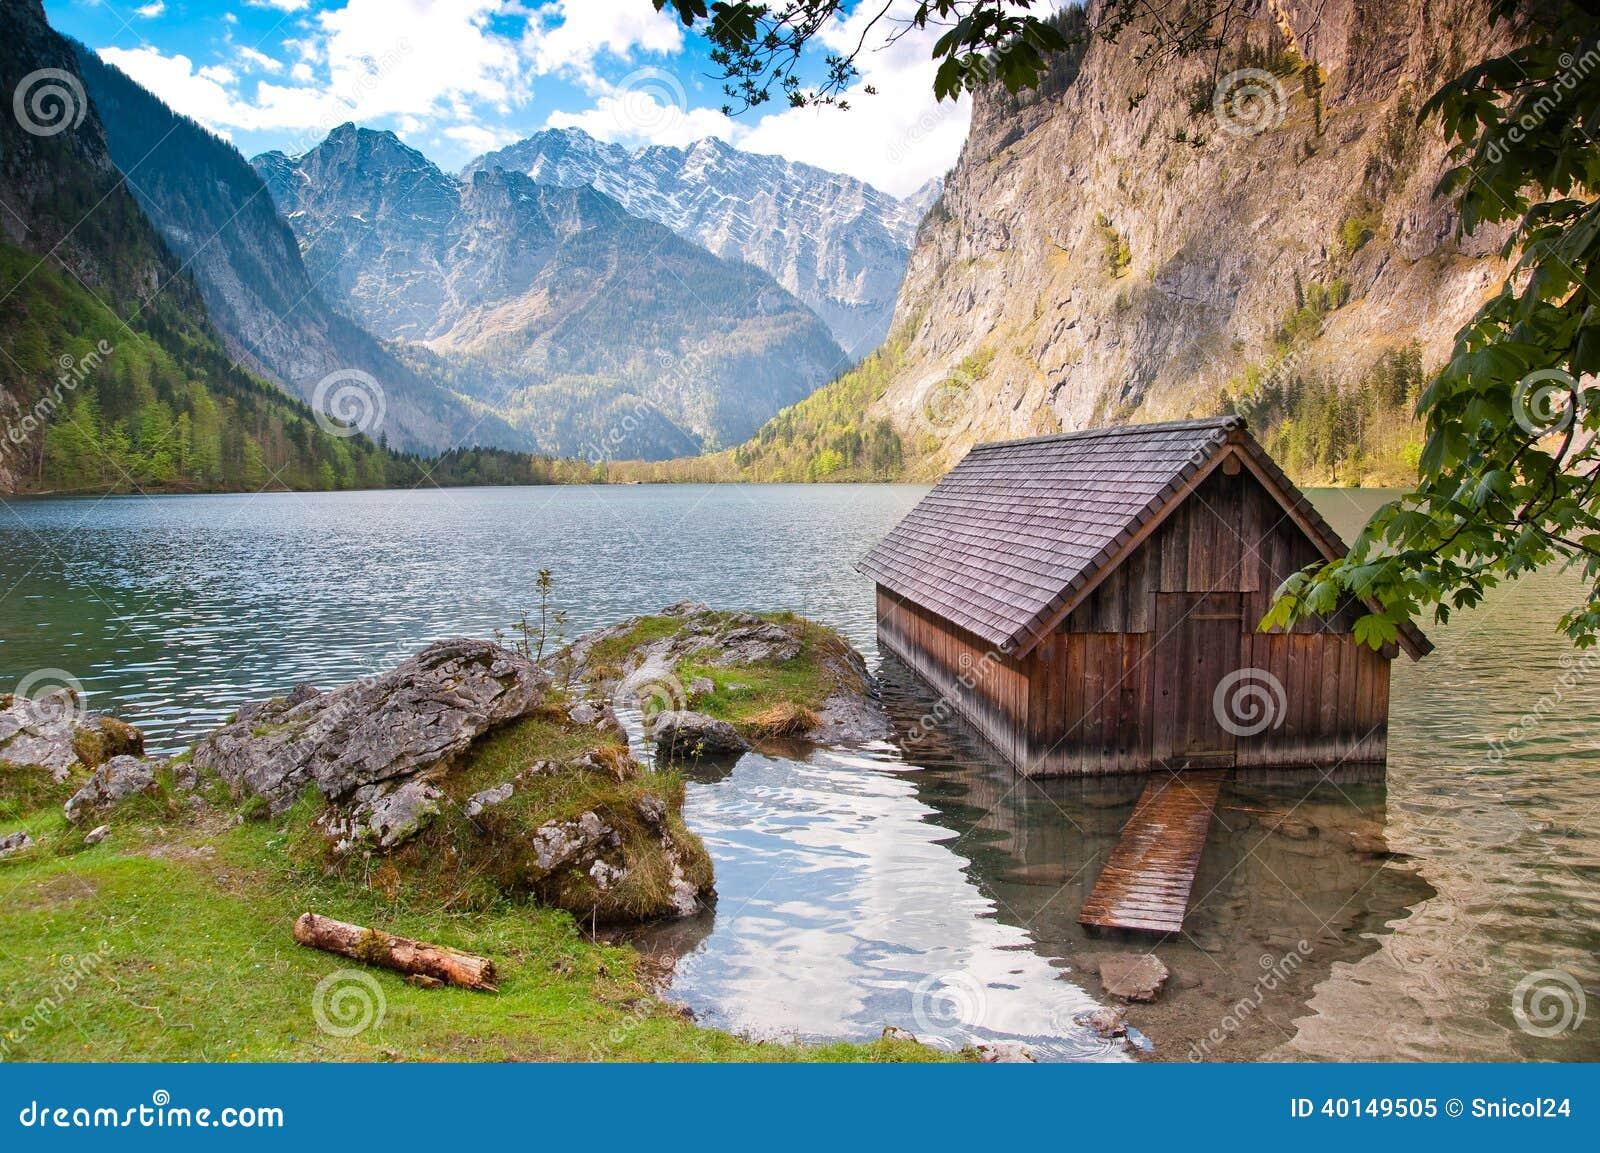 blockhaus auf see obersee see deutschland stockfoto bild 40149505. Black Bedroom Furniture Sets. Home Design Ideas